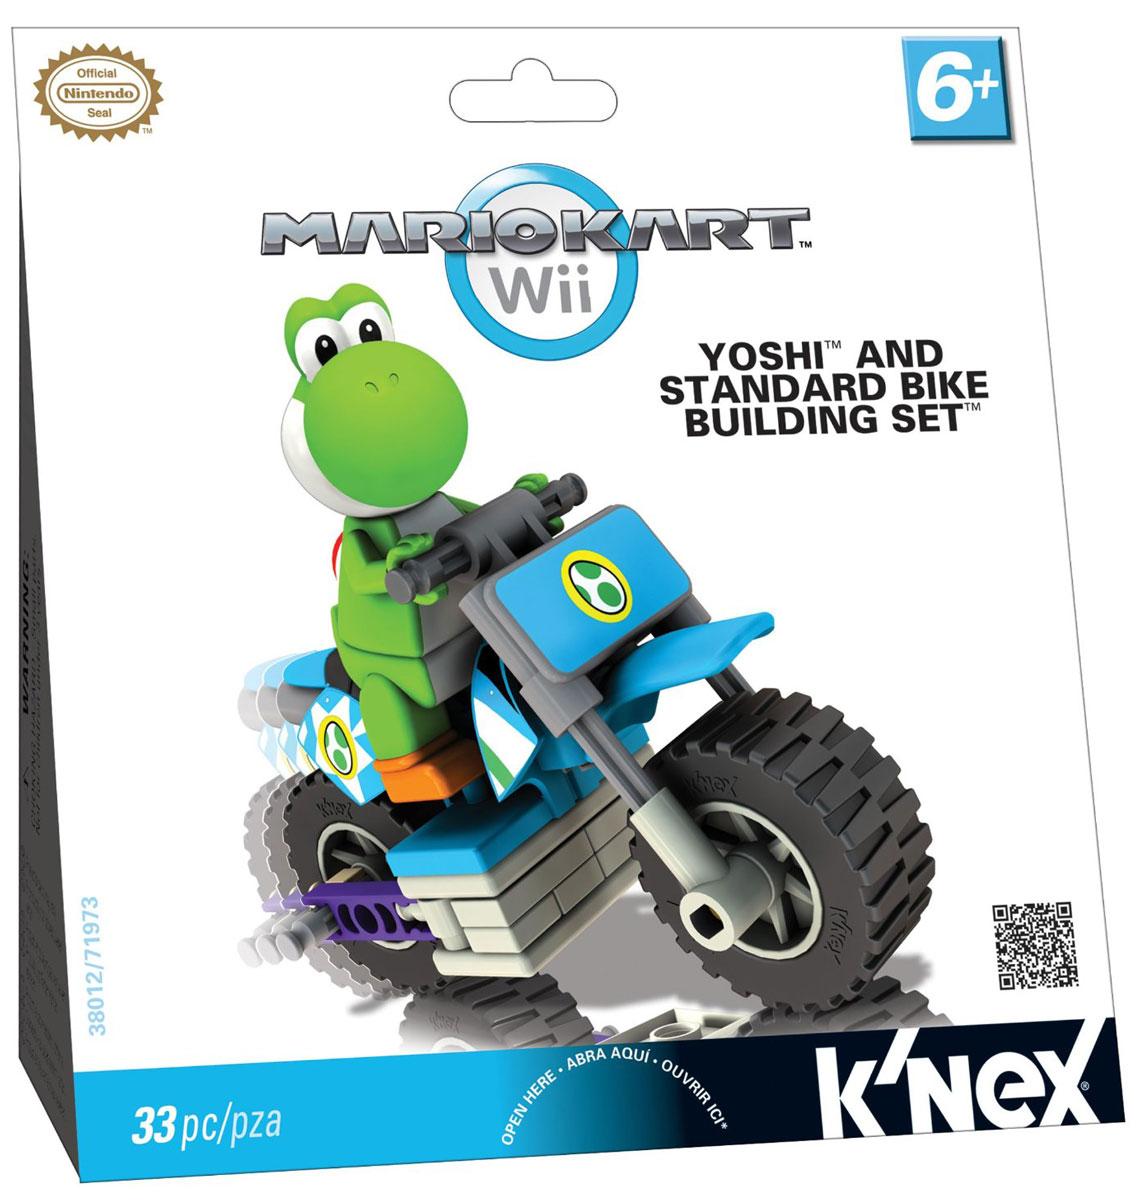 Knex Конструктор Мотоцикл Йоши38002/T71696_лягушкаКонструктор Knex Мотоцикл Йоши понравится всем поклонникам видеоигры от компании Nintendo. Все элементы выполнены из прочного и безопасного материала. В комплект входят 33 элемента конструктора, включая фигурку любимого героя. С помощью элементов конструктора ребенок сможет собрать мотоцикл Йоши. Йоши - дружелюбный динозаврик, являющийся одним из наиболее популярных героев серии видеоигр компании Nintendo про Марио и проживающий на острове Йоши. Ваш ребенок будет часами играть с этим конструктором и фигуркой, придумывая различные истории.